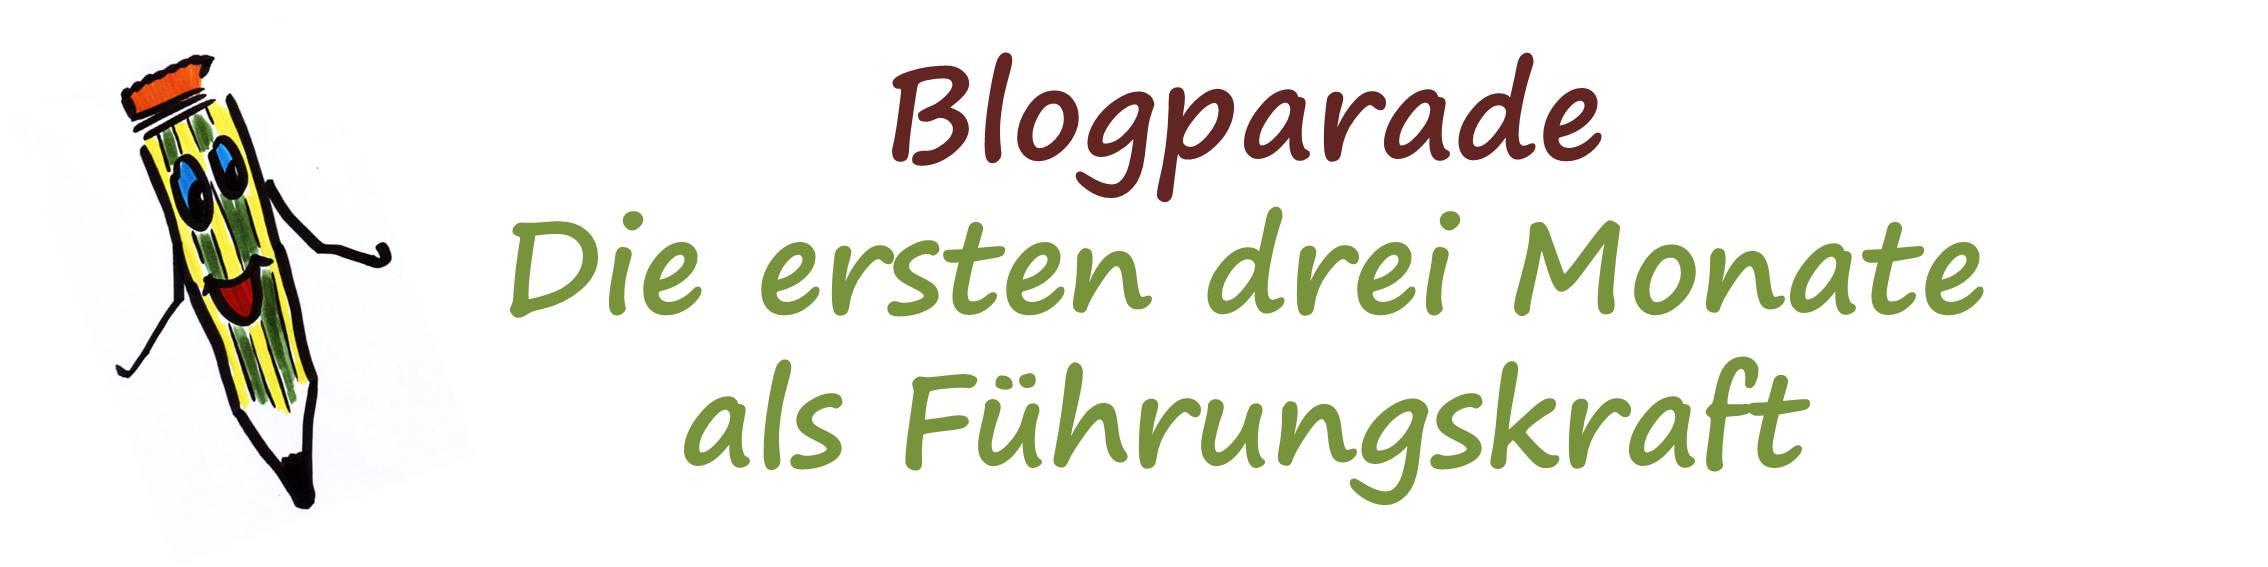 header_blogparade_die_ersten_100_tage_als_fuerhungskraft